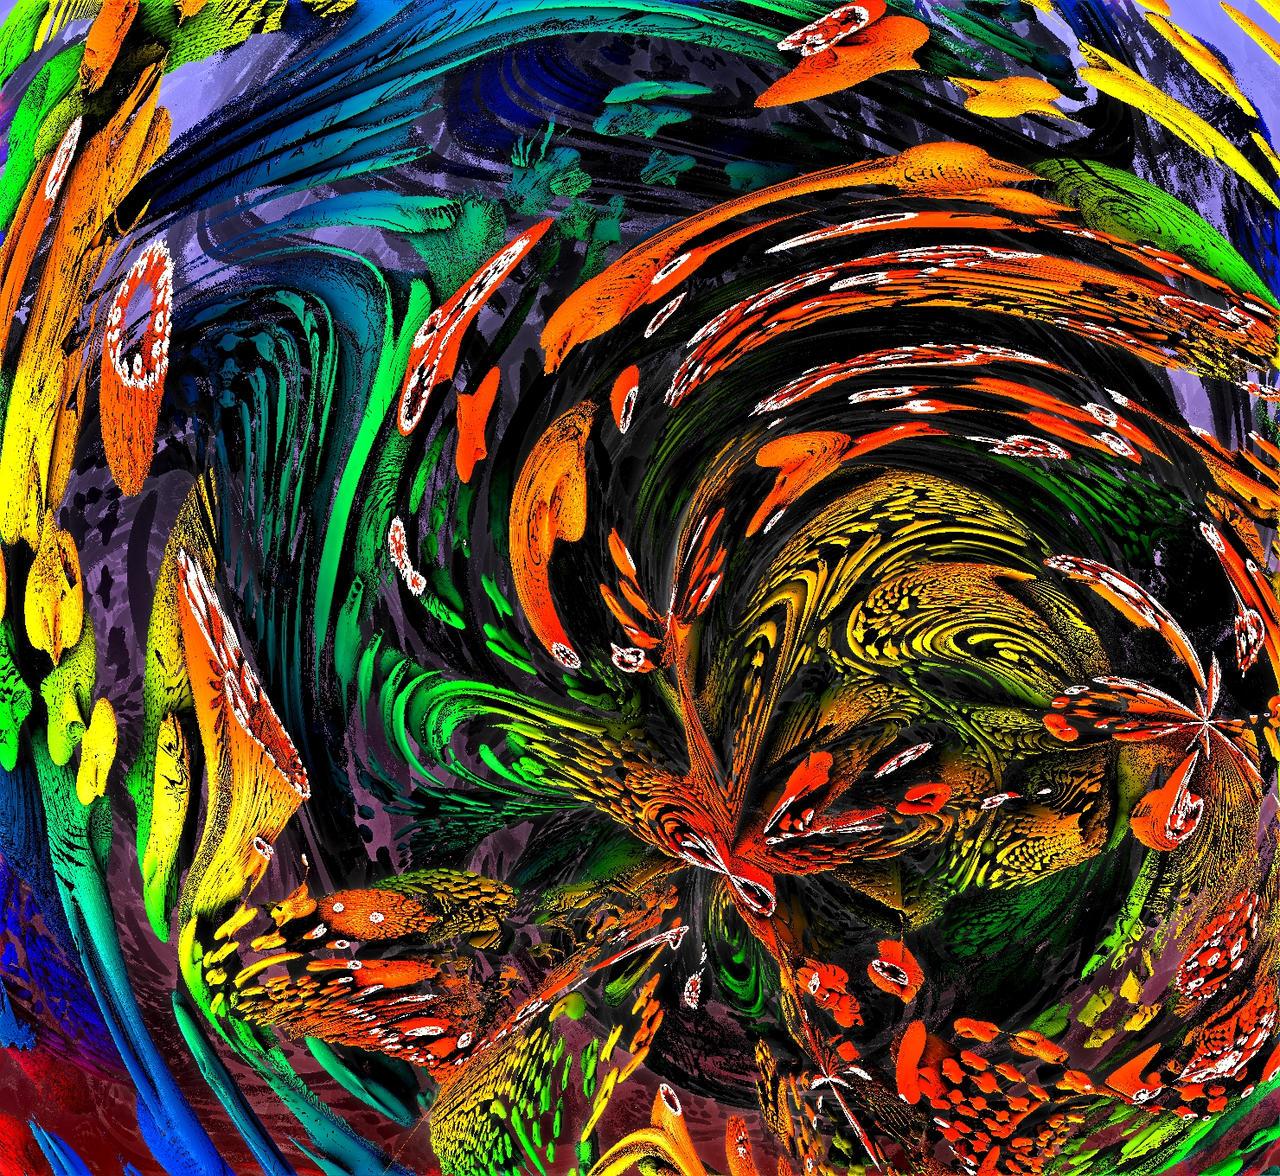 Candy Swirl 1 by im1happy